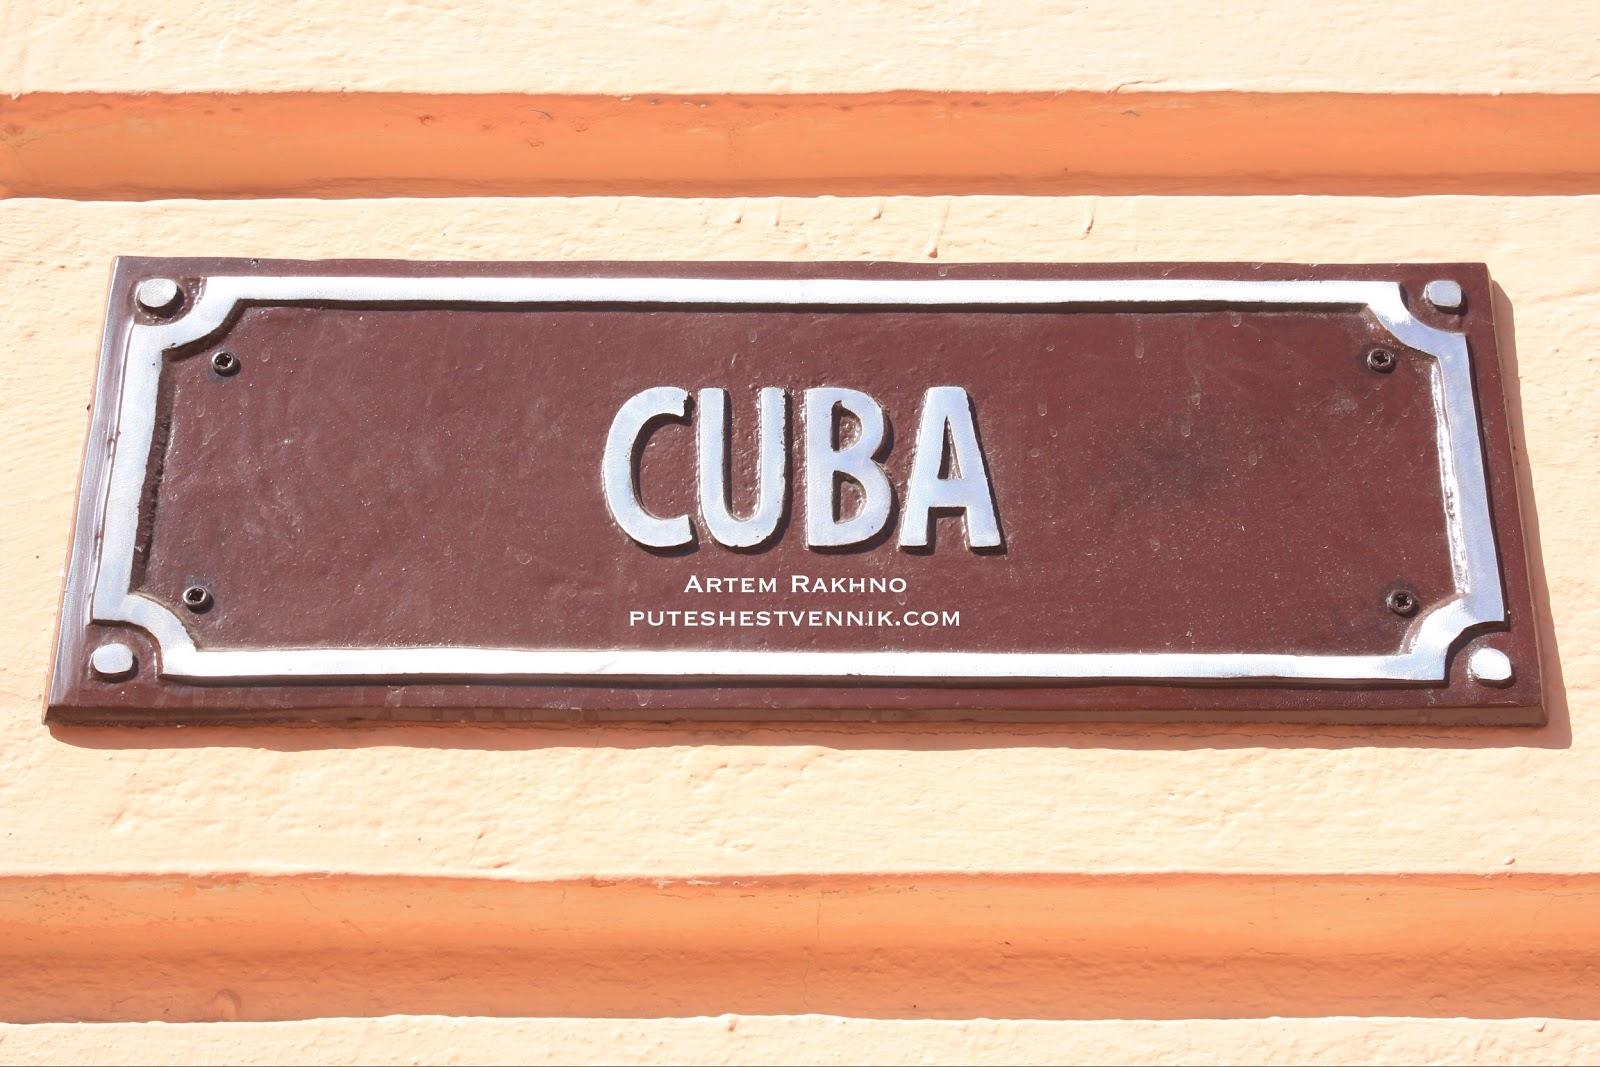 Указатель улицы на Кубе